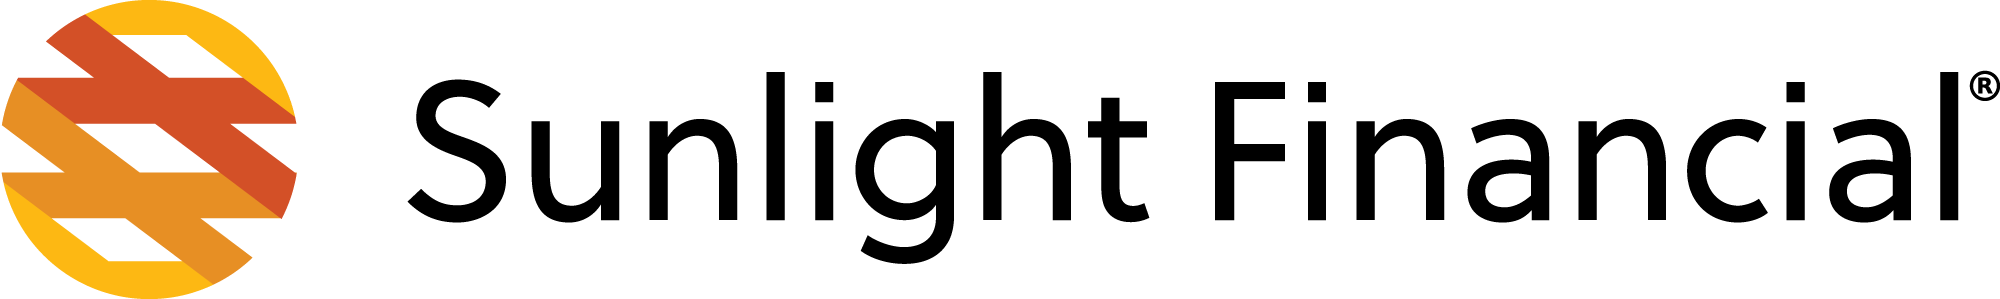 sunlight-financial-logo-lg (002)